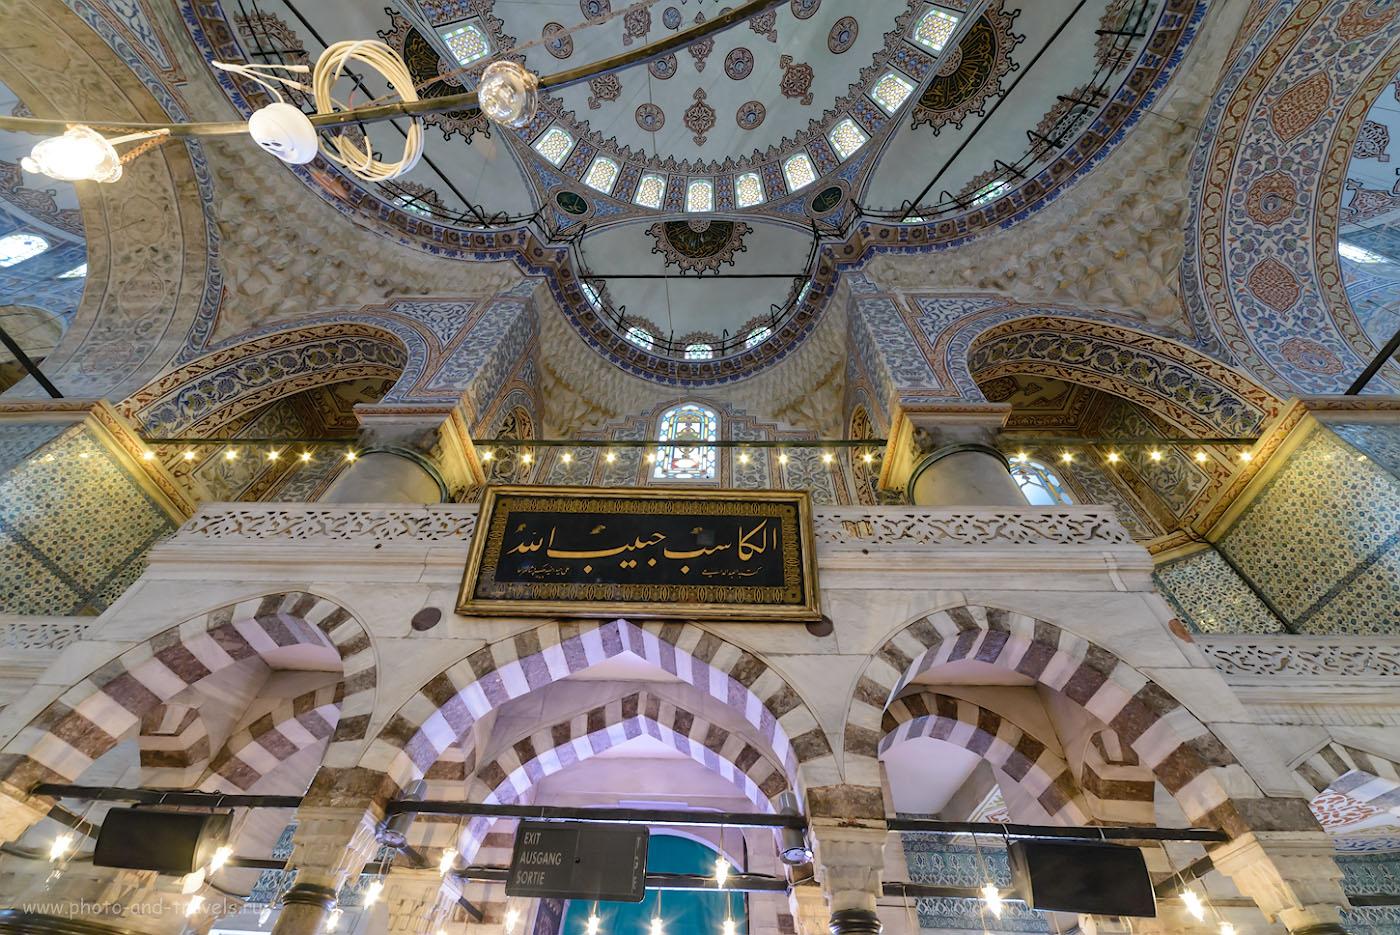 Фото 7. Мечеть Султанахмет называют Голубой из-за небесного цвета глазурованных изразцов. Что посетить в Стамбуле. 1/20, 8.0, 3200, 14.